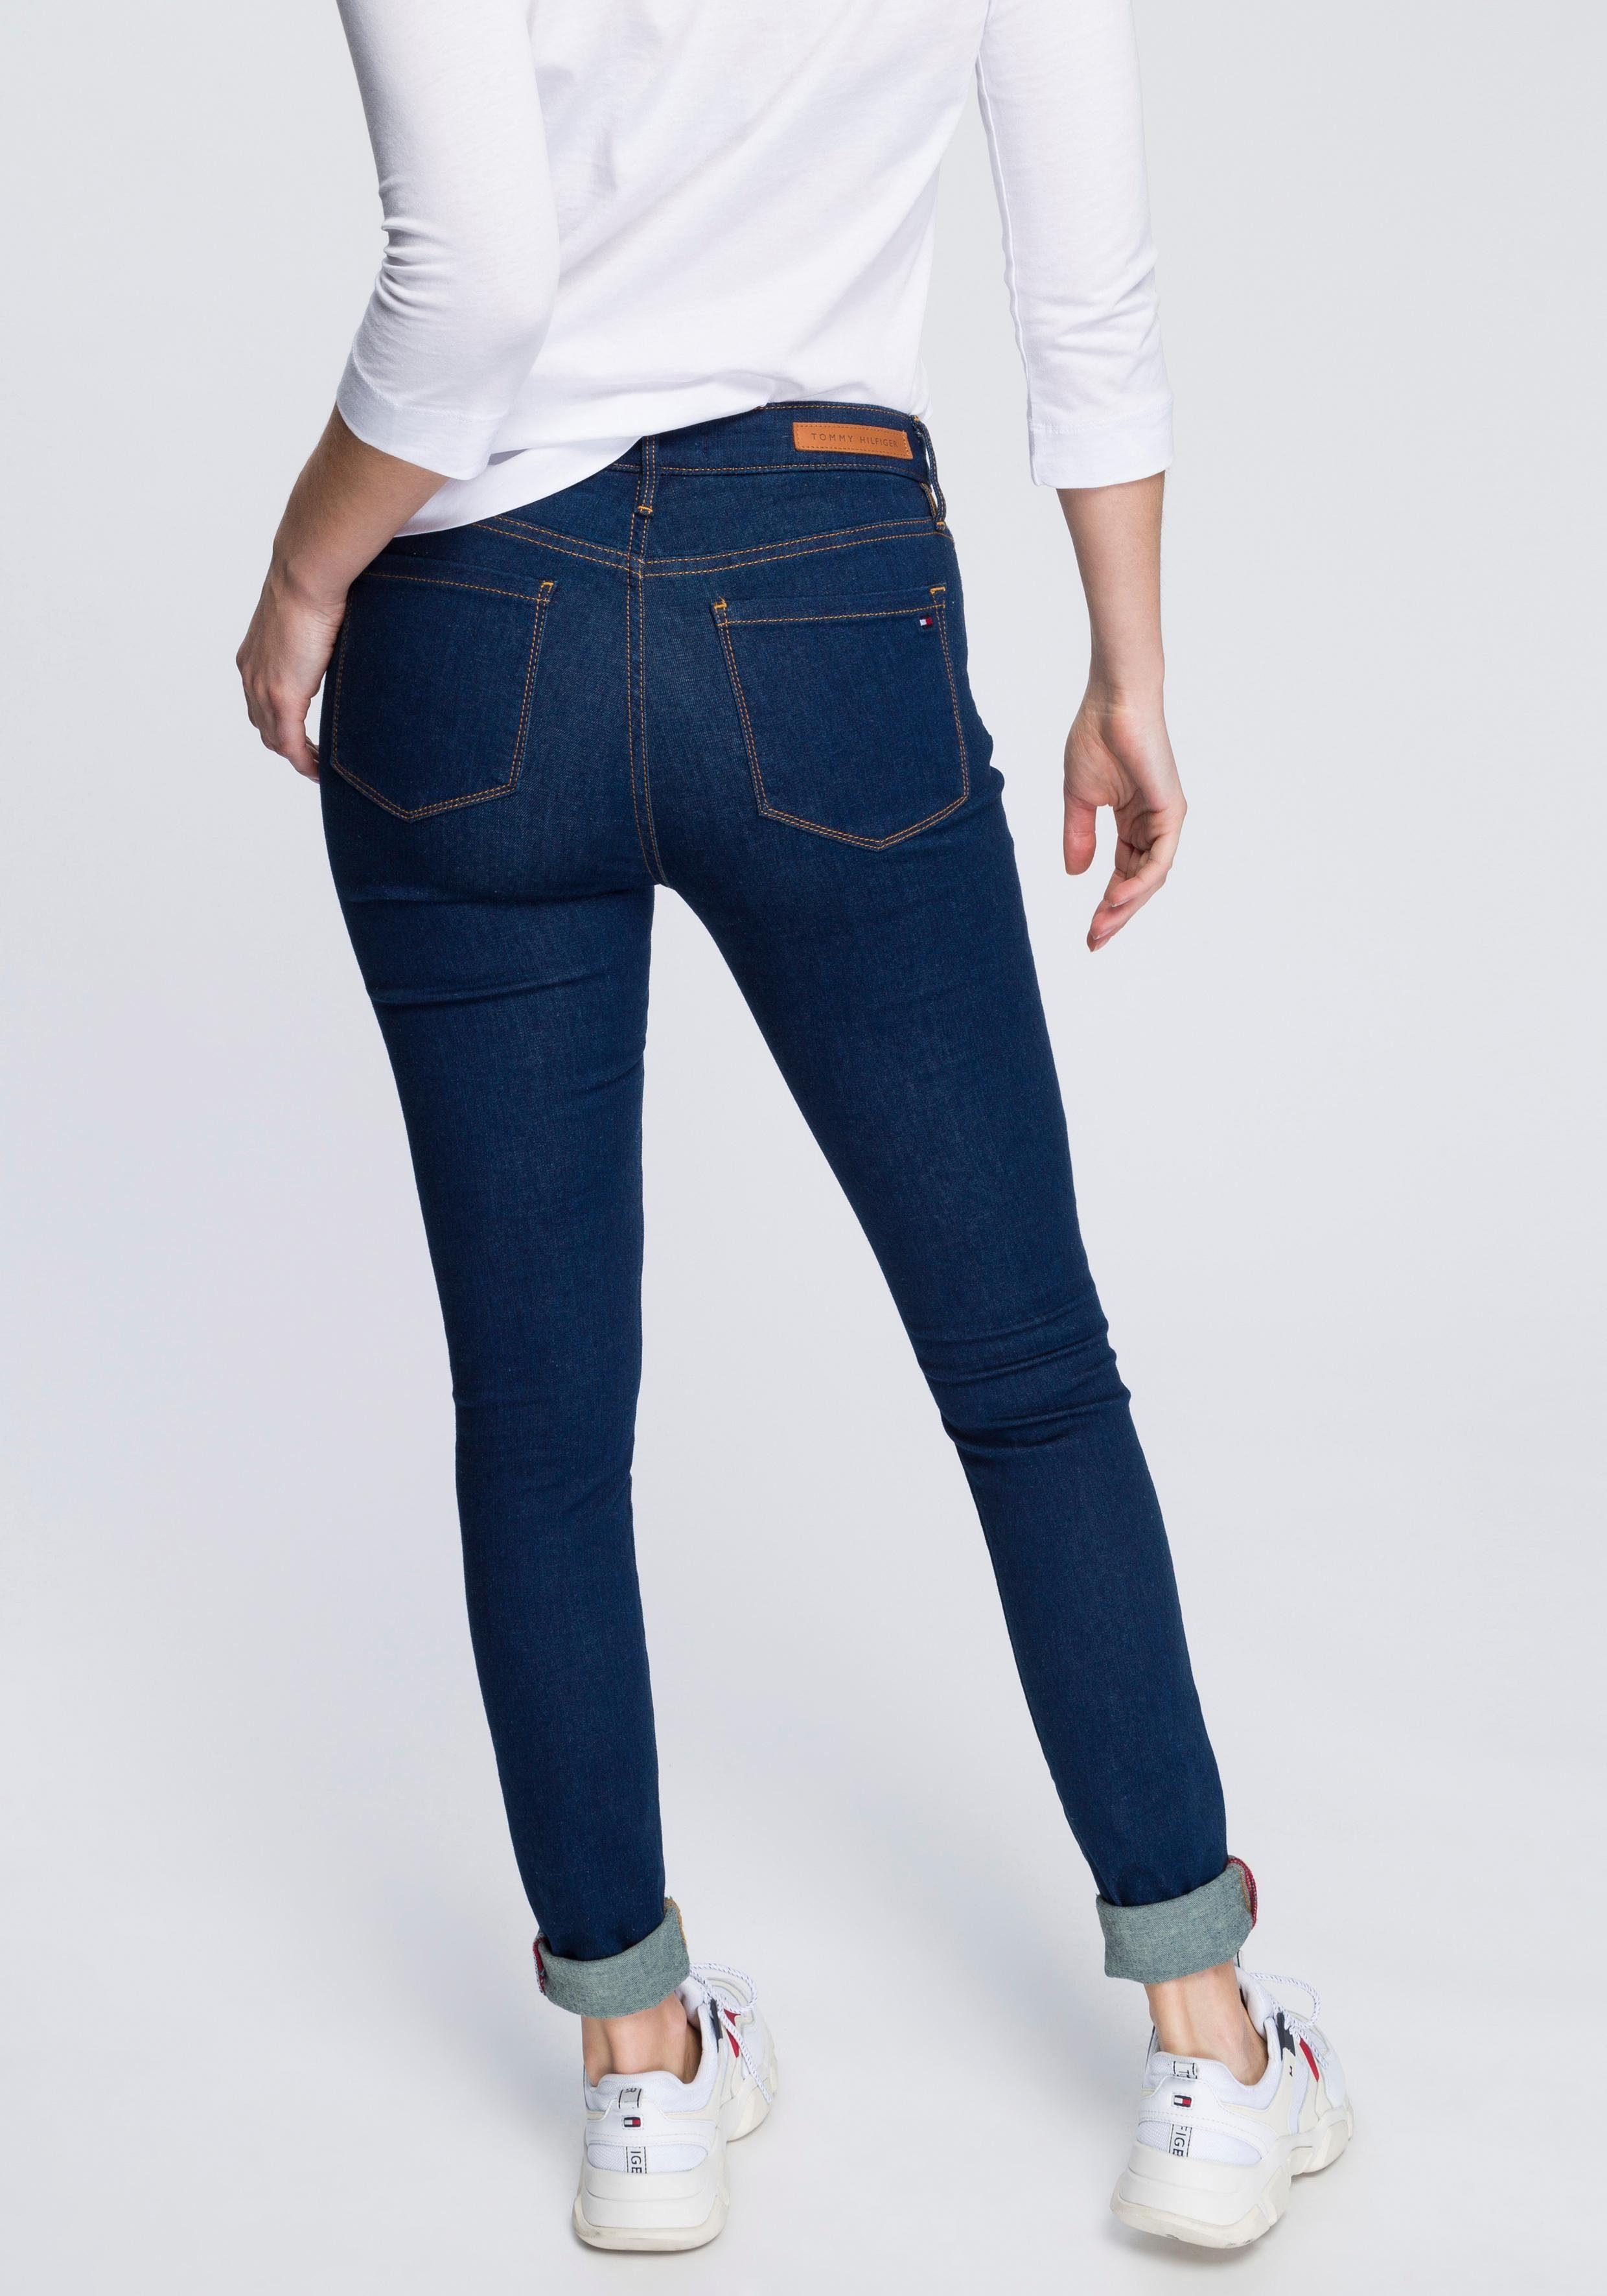 TOMMY HILFIGER 5 Pocket Jeans im klassischen 5 Pocket Stil online kaufen | OTTO